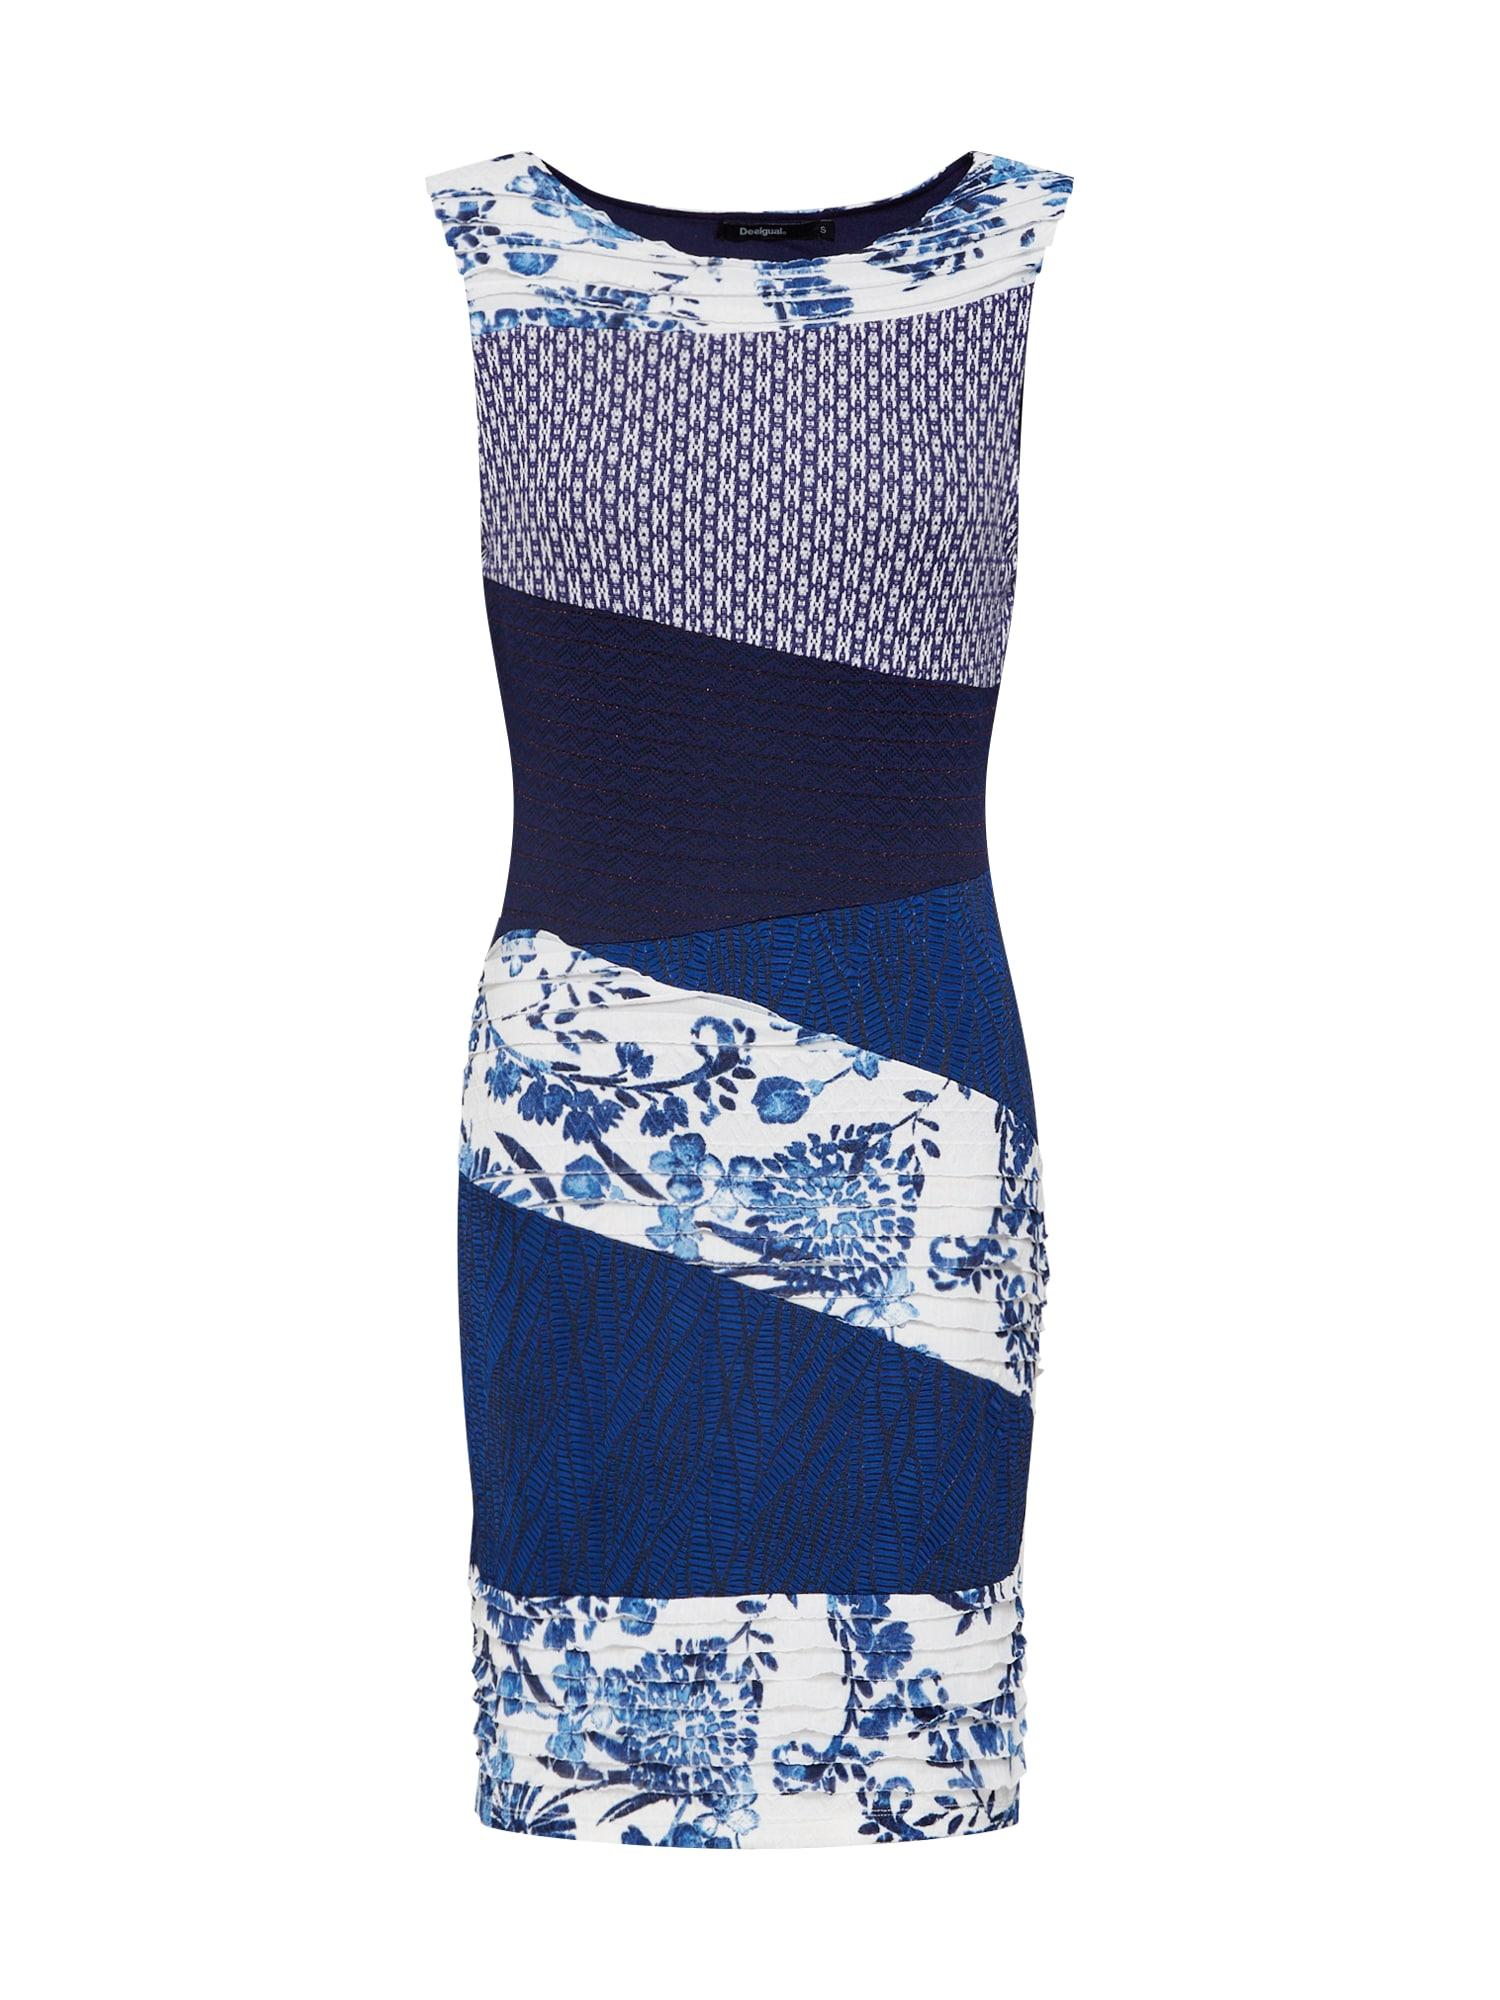 Šaty Vest_Olivia námořnická modř bílá Desigual